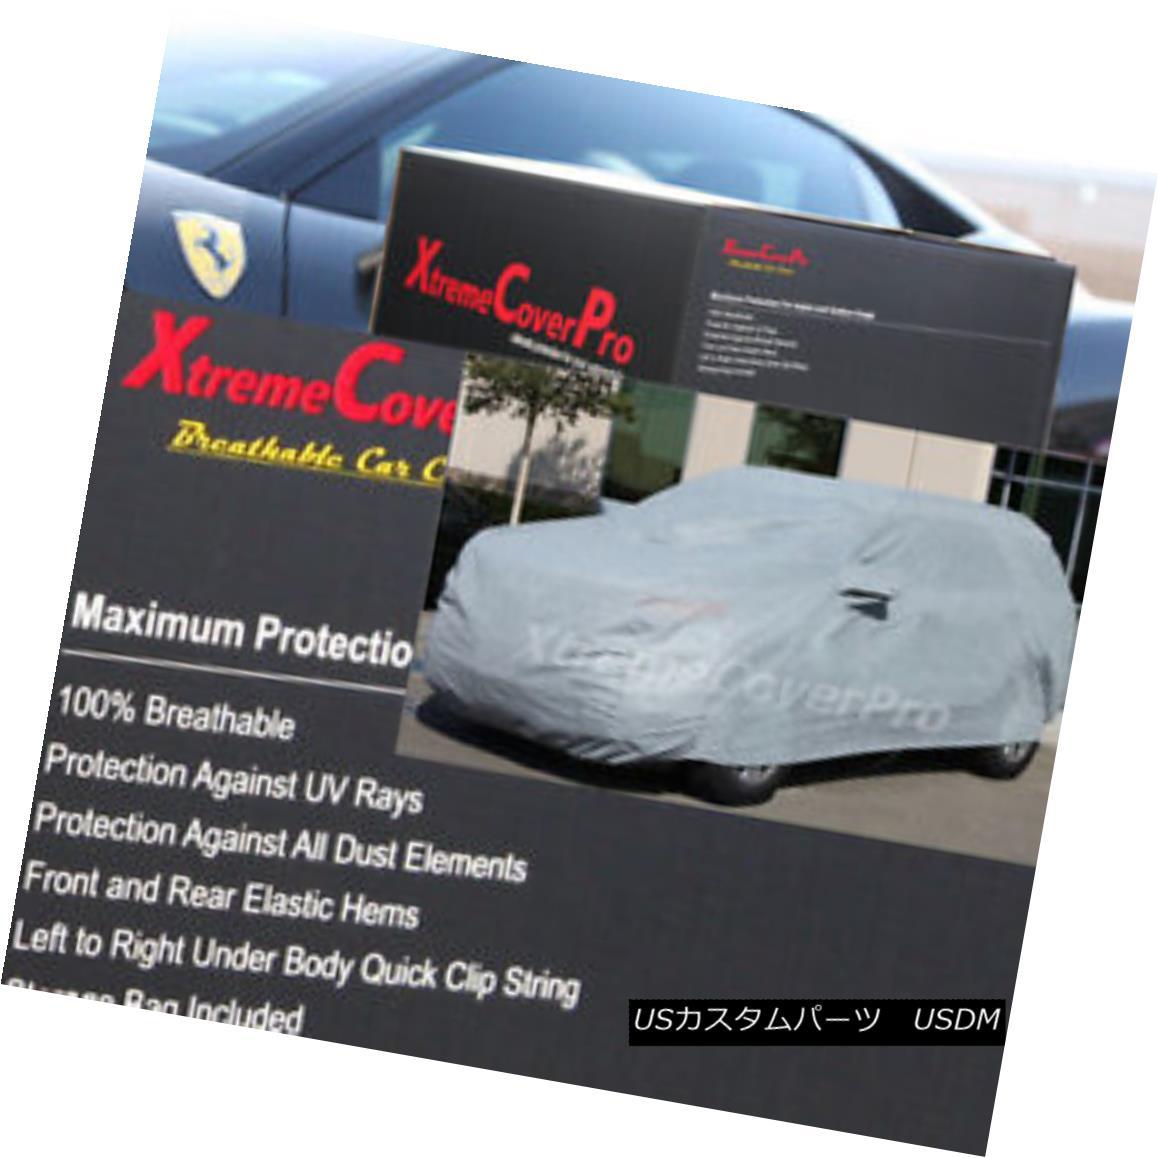 カーカバー 2015 VOLVO XC70 Breathable Car Cover w/Mirror Pockets - Gray 2015 VOLVO XC70通気性の車カバー、ミラーポケット付き - グレー